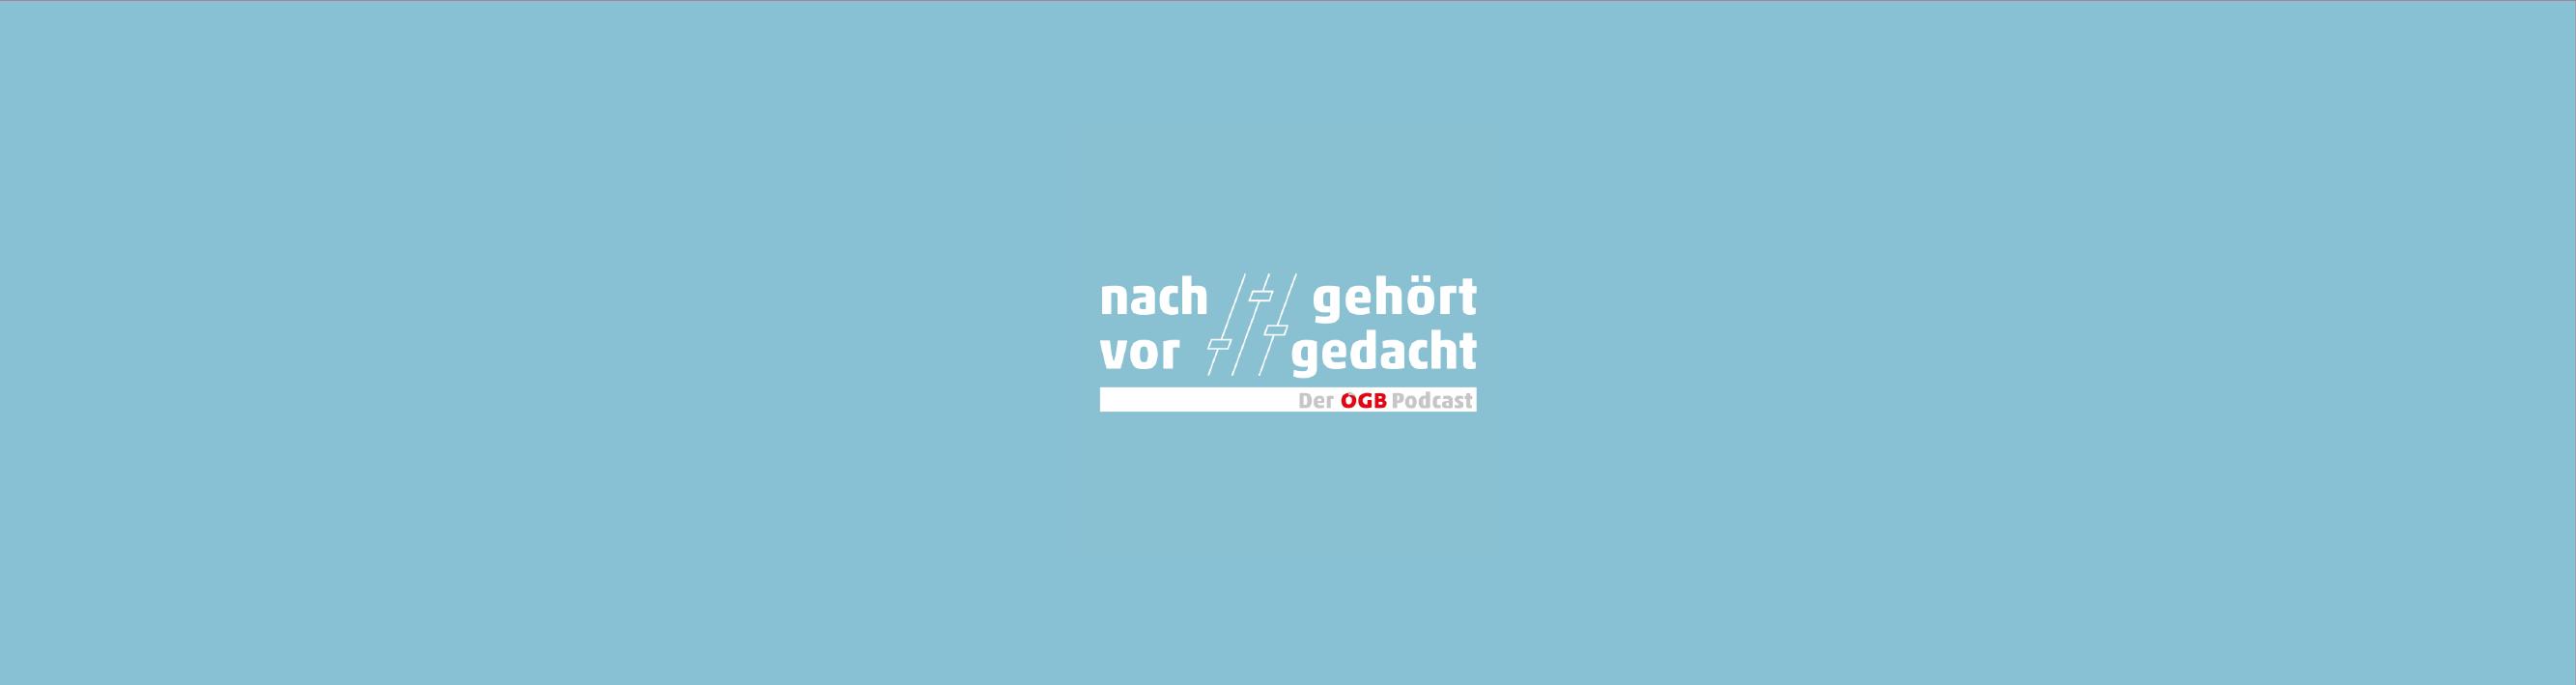 Podcast Banner - Nachgehört / Vorgedacht